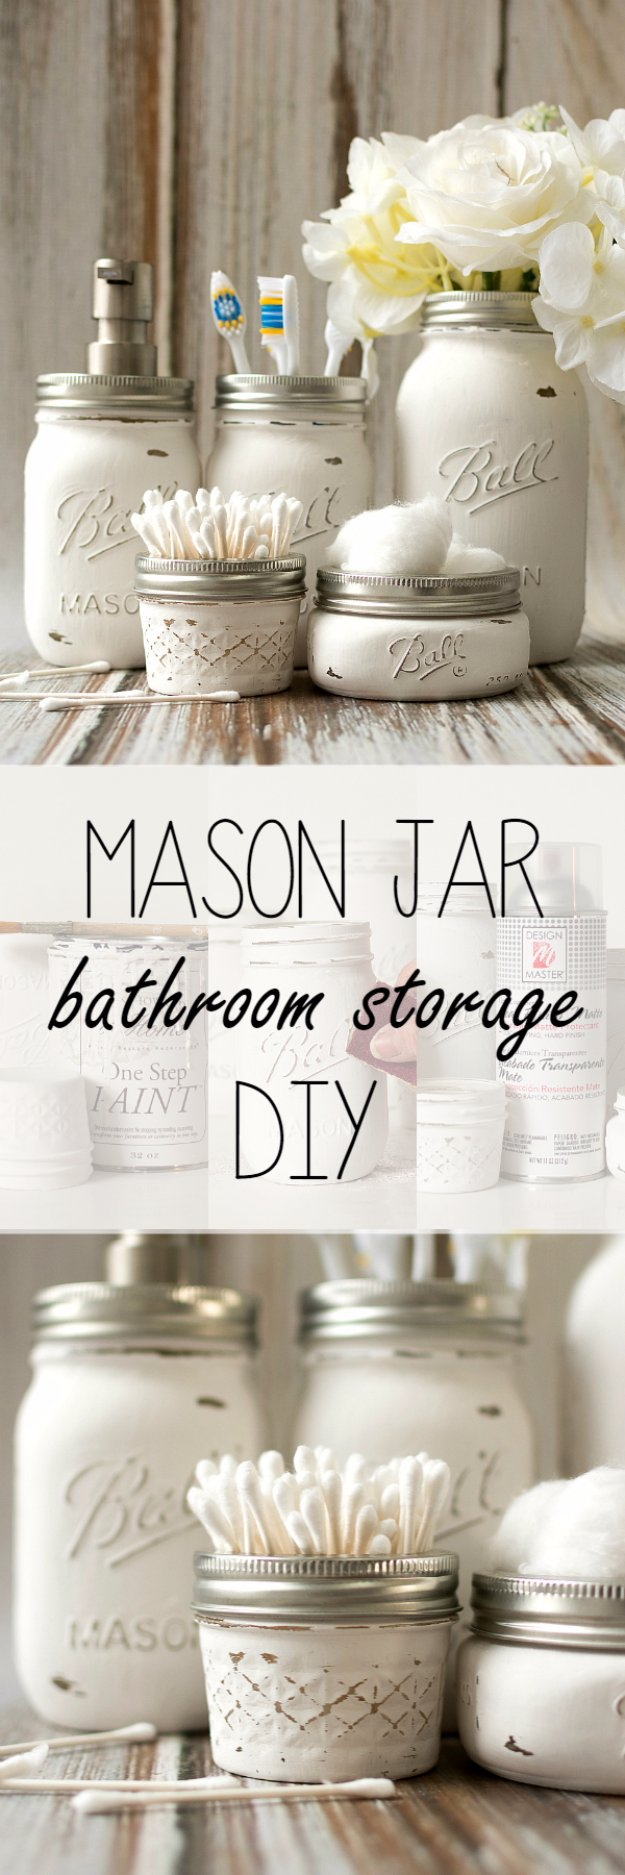 Decorazioni fai da te molto carine per il bagno 15 idee - Decorazioni per il bagno ...